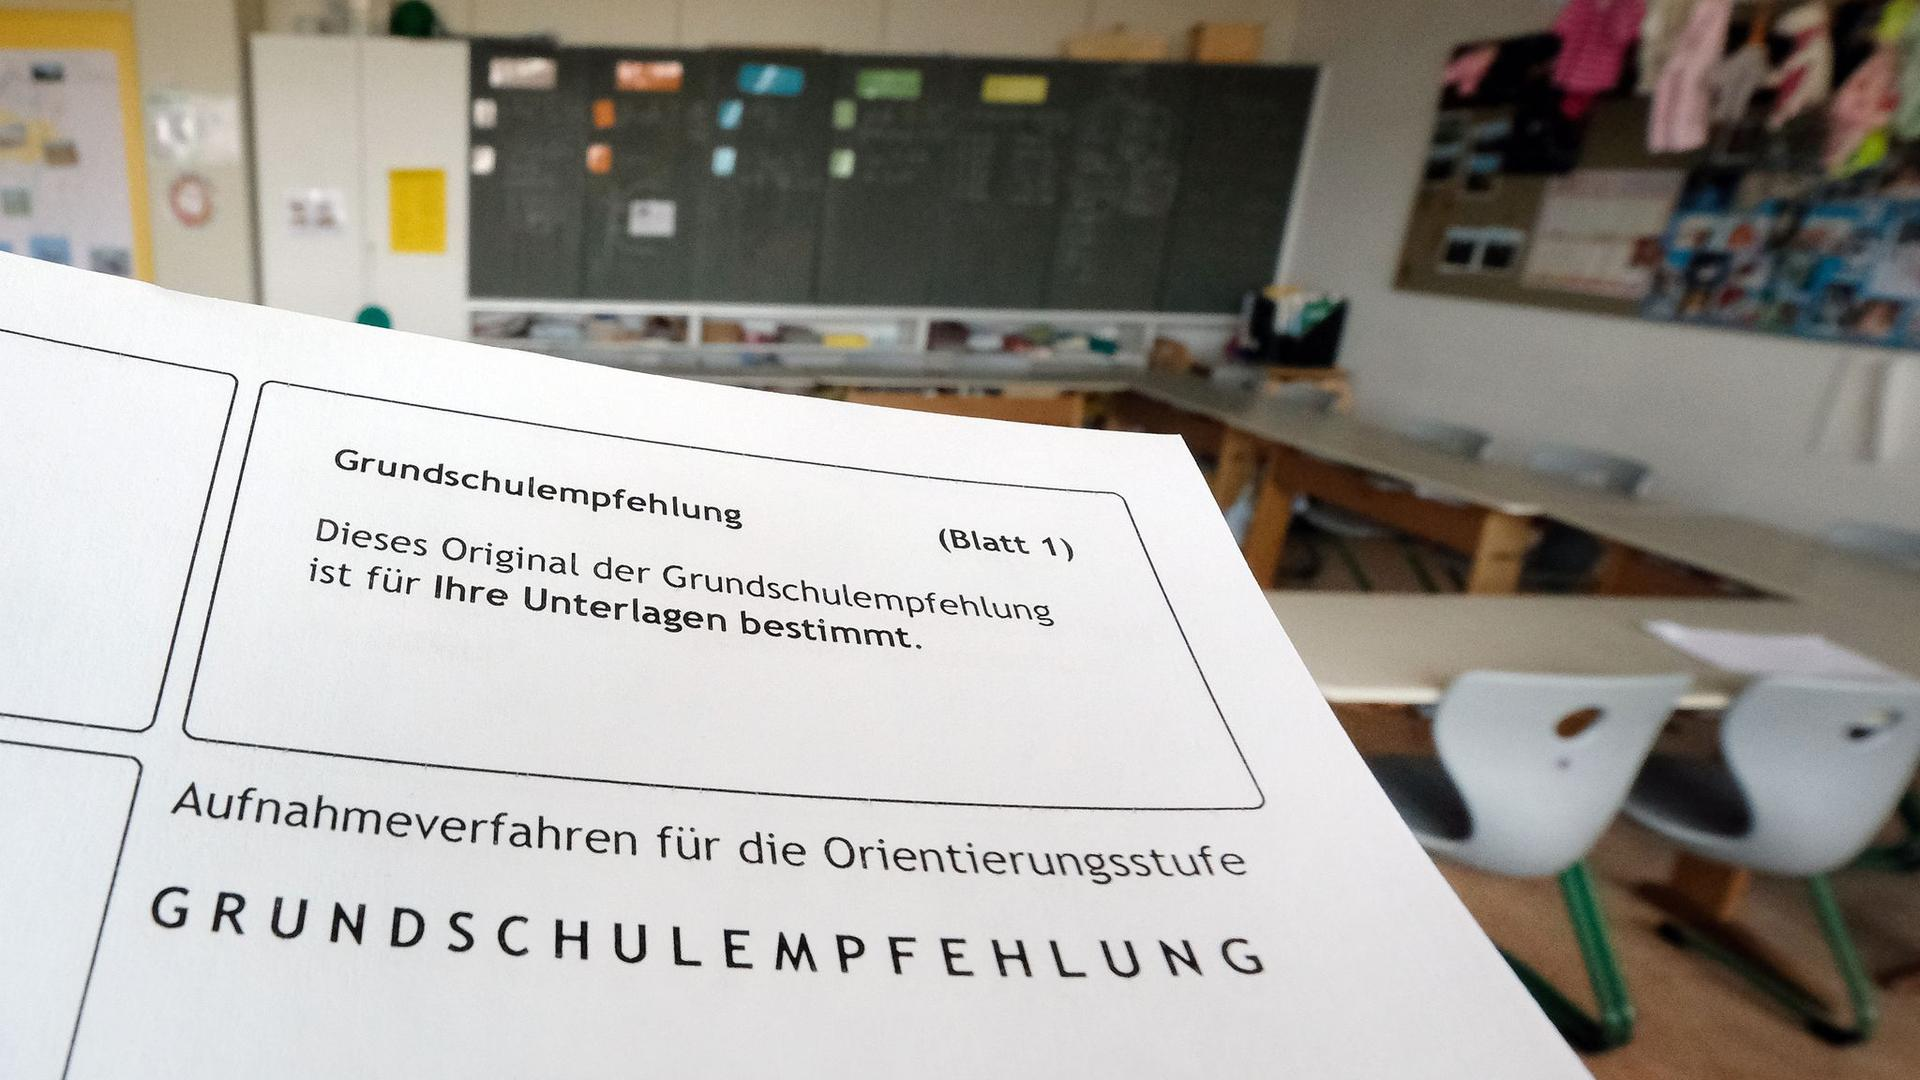 Das Formular einer Grundschulempfehlung wird in einem Klassenzimmer einer Grundschule gehalten.